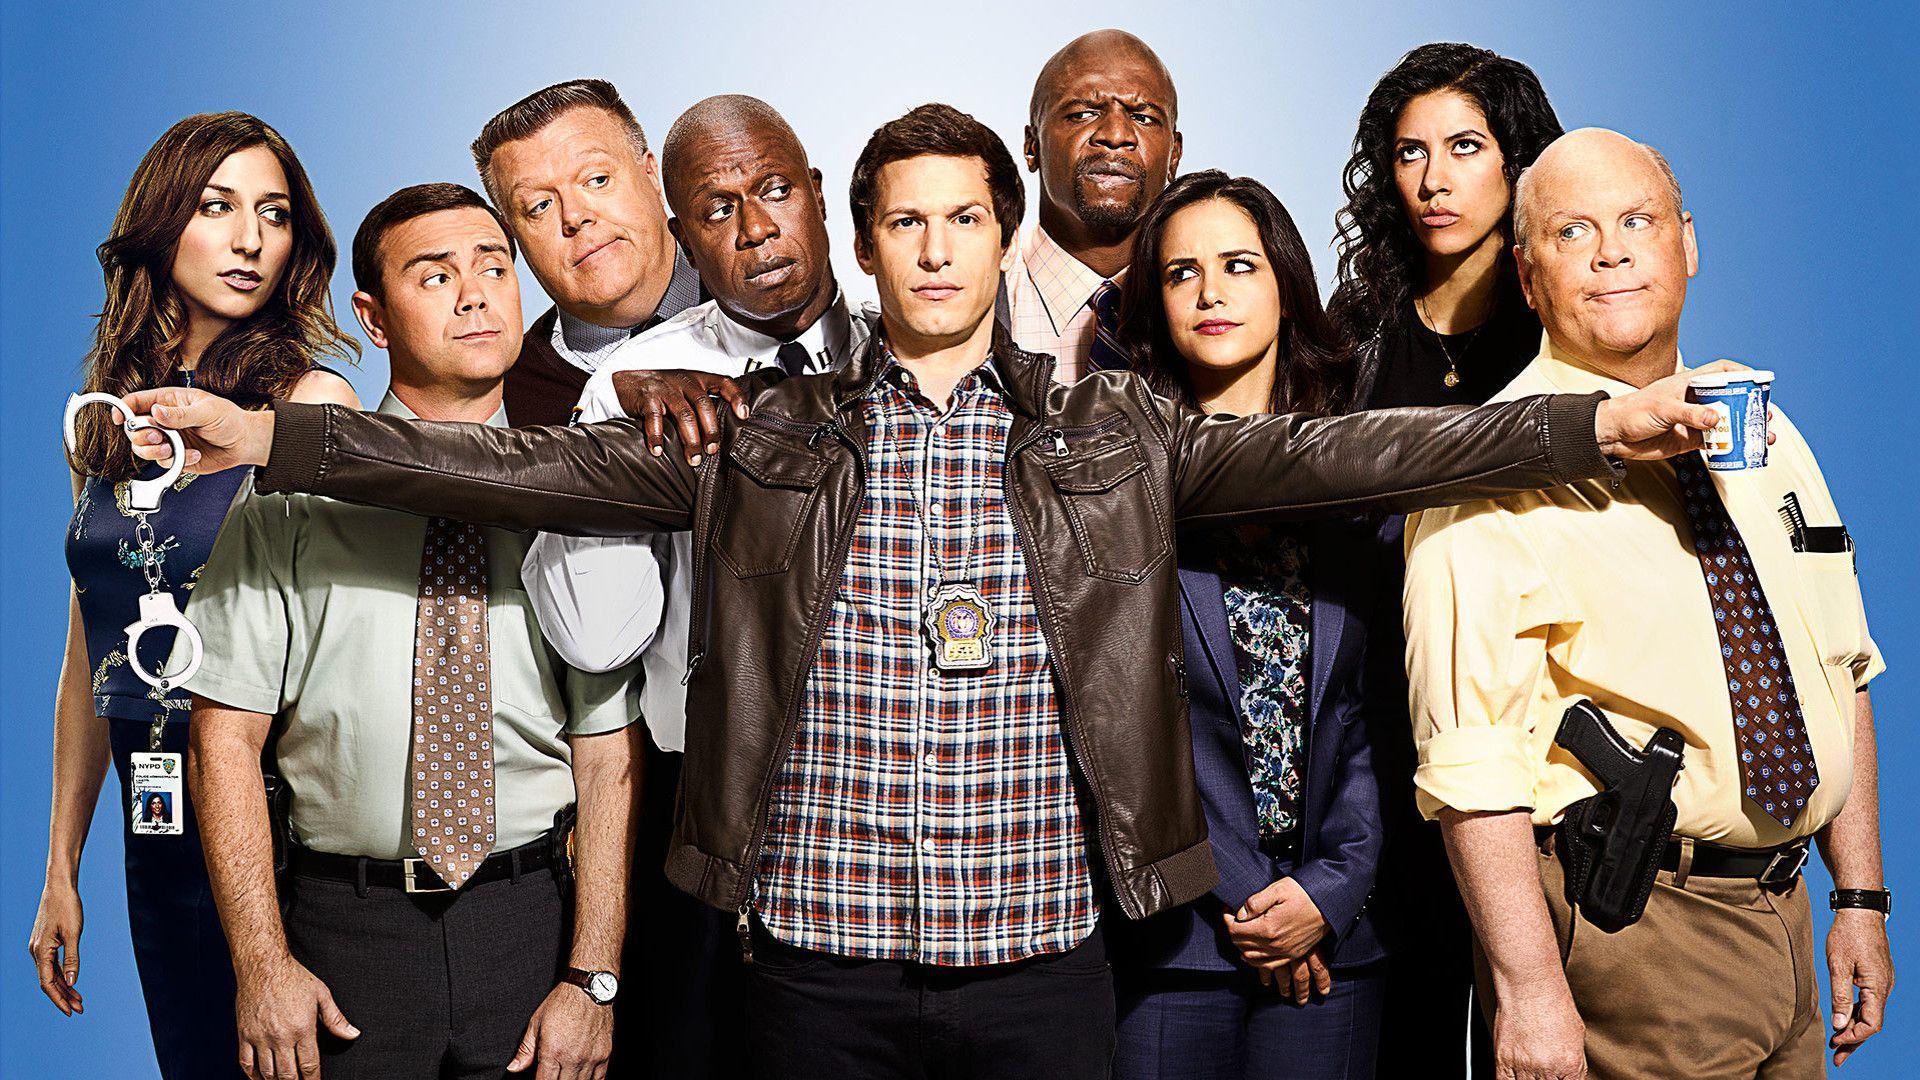 Com diversidade, Brooklyn Nine-Nine reinventa pastelão na TV